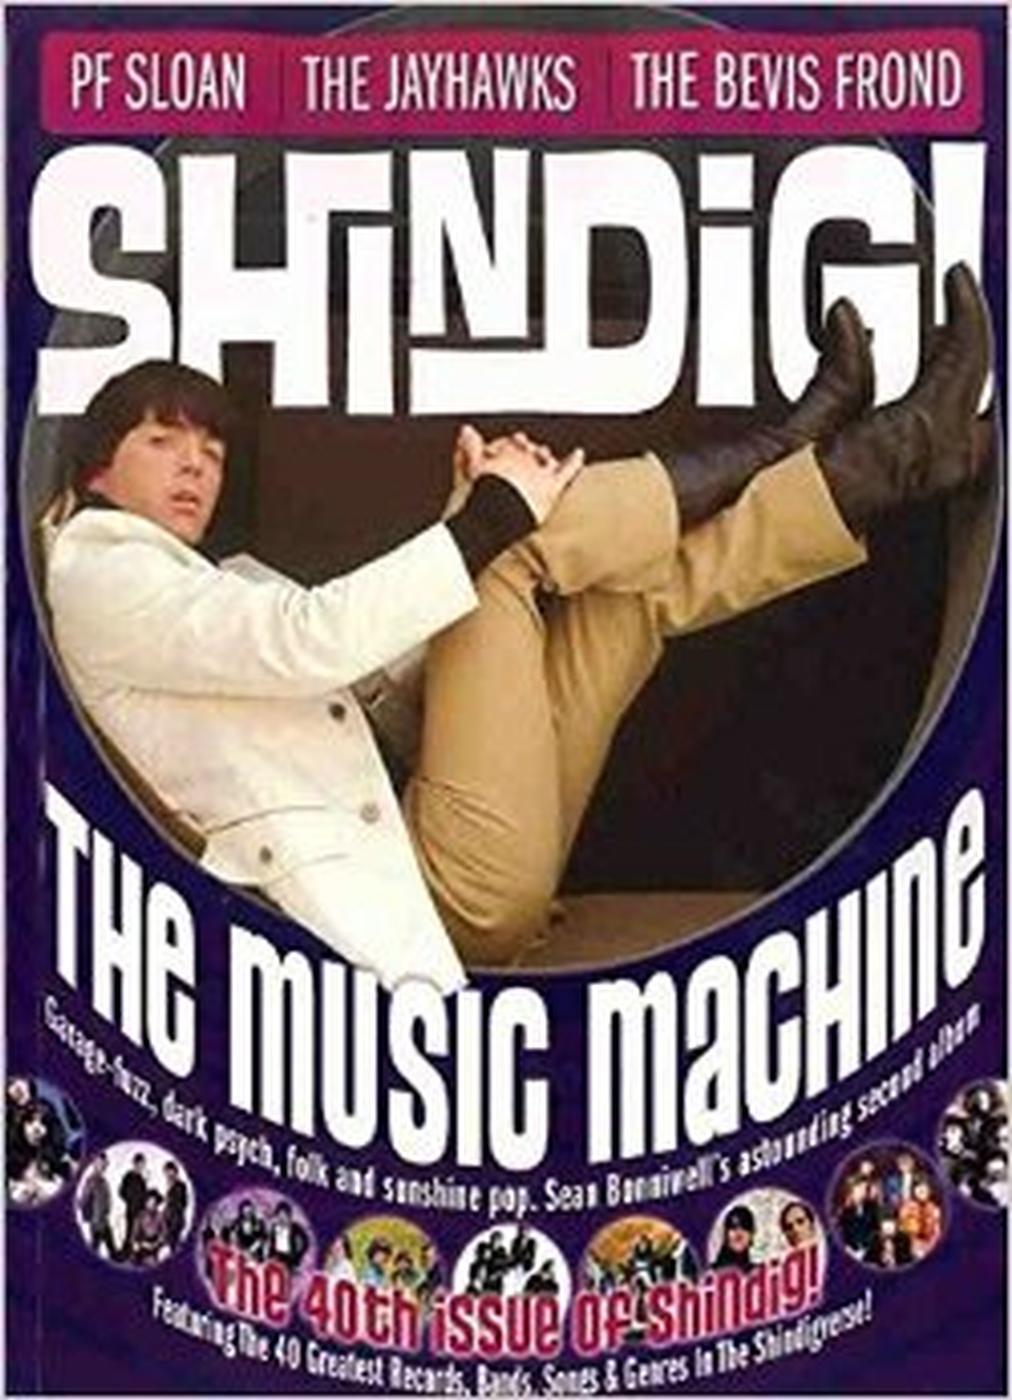 + SHINDIG! MAGAZINE - Issue 40 The Music Machine